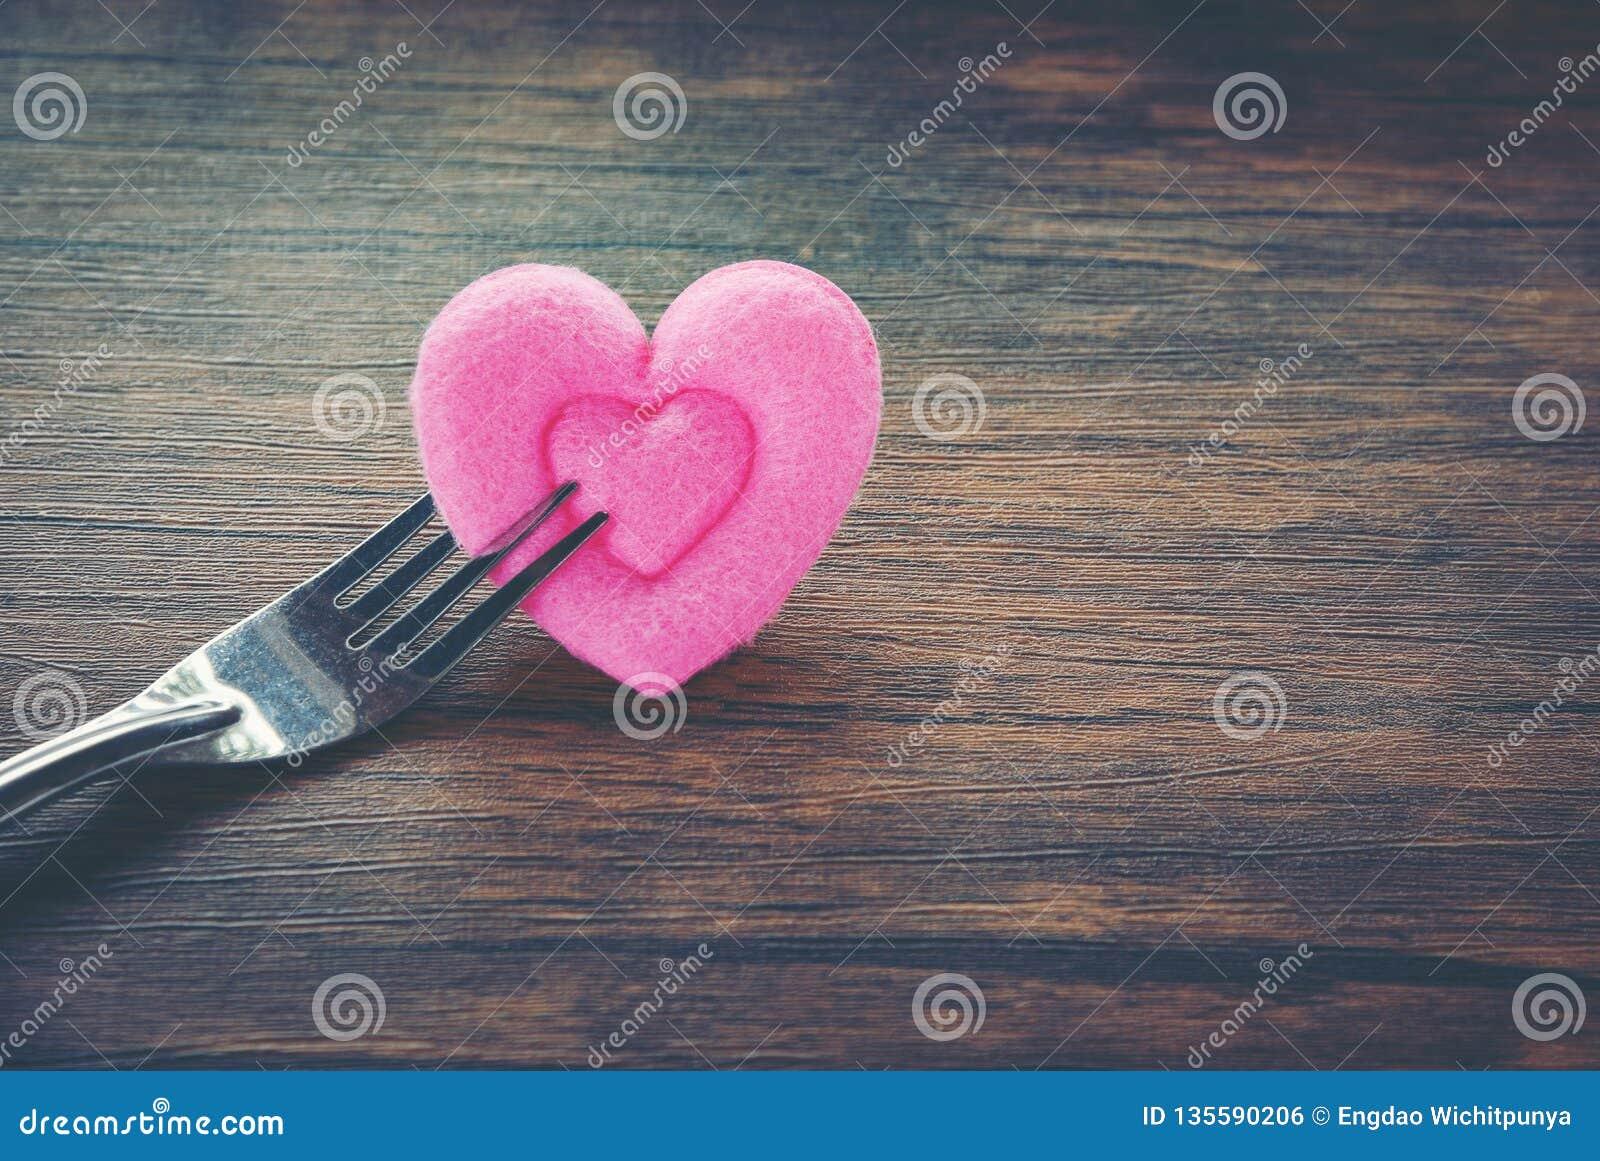 Romantische Liebesnahrung des Valentinsgrußabendessens und Liebe, die das romantische Gedeck des Konzeptes verziert mit Gabel und